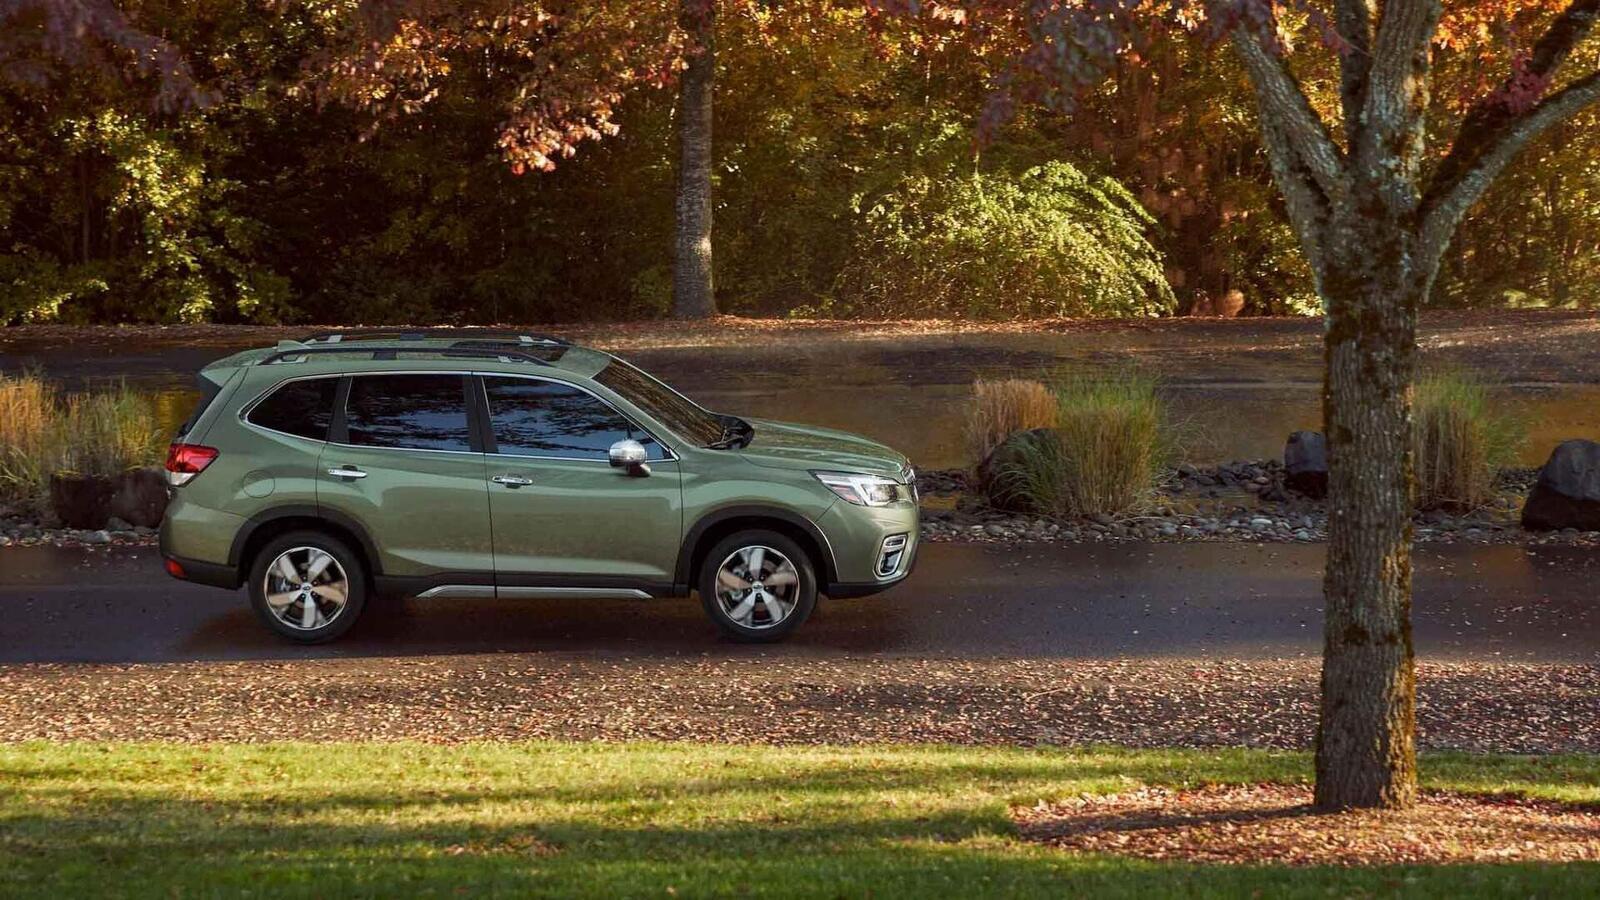 Subaru Forester 2019: Thay đổi nội ngoại thất, động cơ mạnh hơn, thêm nhiều phiên bản - Hình 9